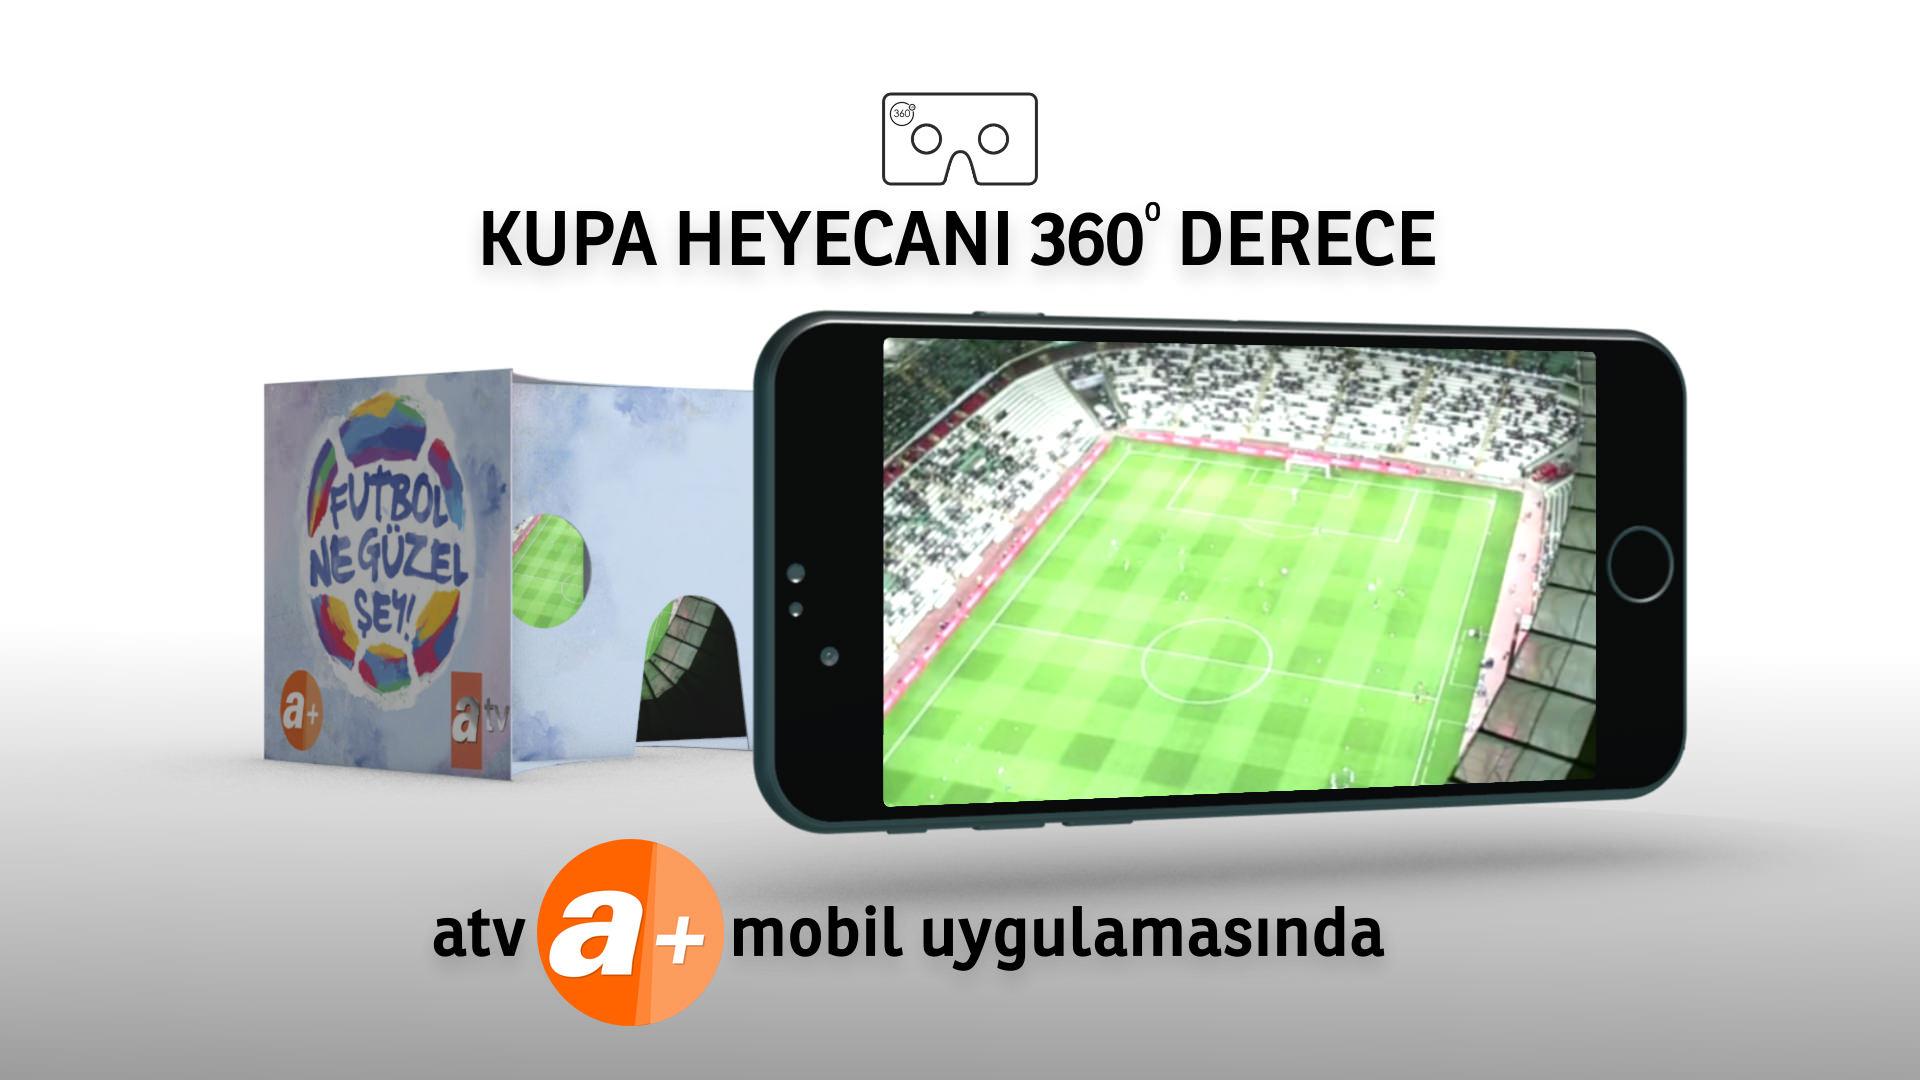 ATV, 26 Mayıs tarihinde Galatasaray ile Fenerbahçe arasında oynanacak Ziraat Türkiye Kupası final maçını 360 derece sunacak.